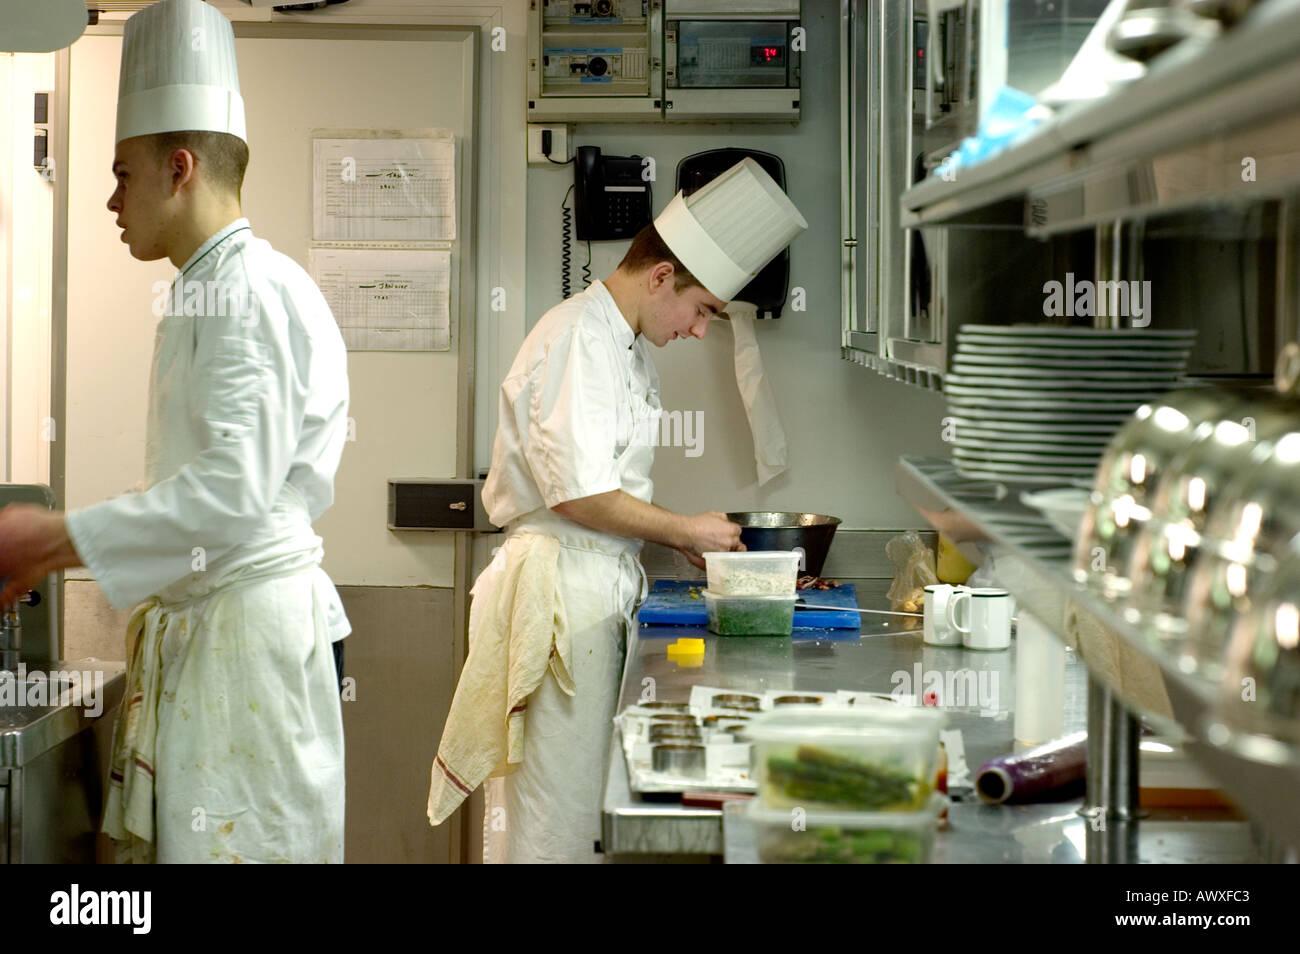 Paris france french haute cuisine restaurant le jules verne male stock photo royalty free - Restaurant cuisine francaise paris ...